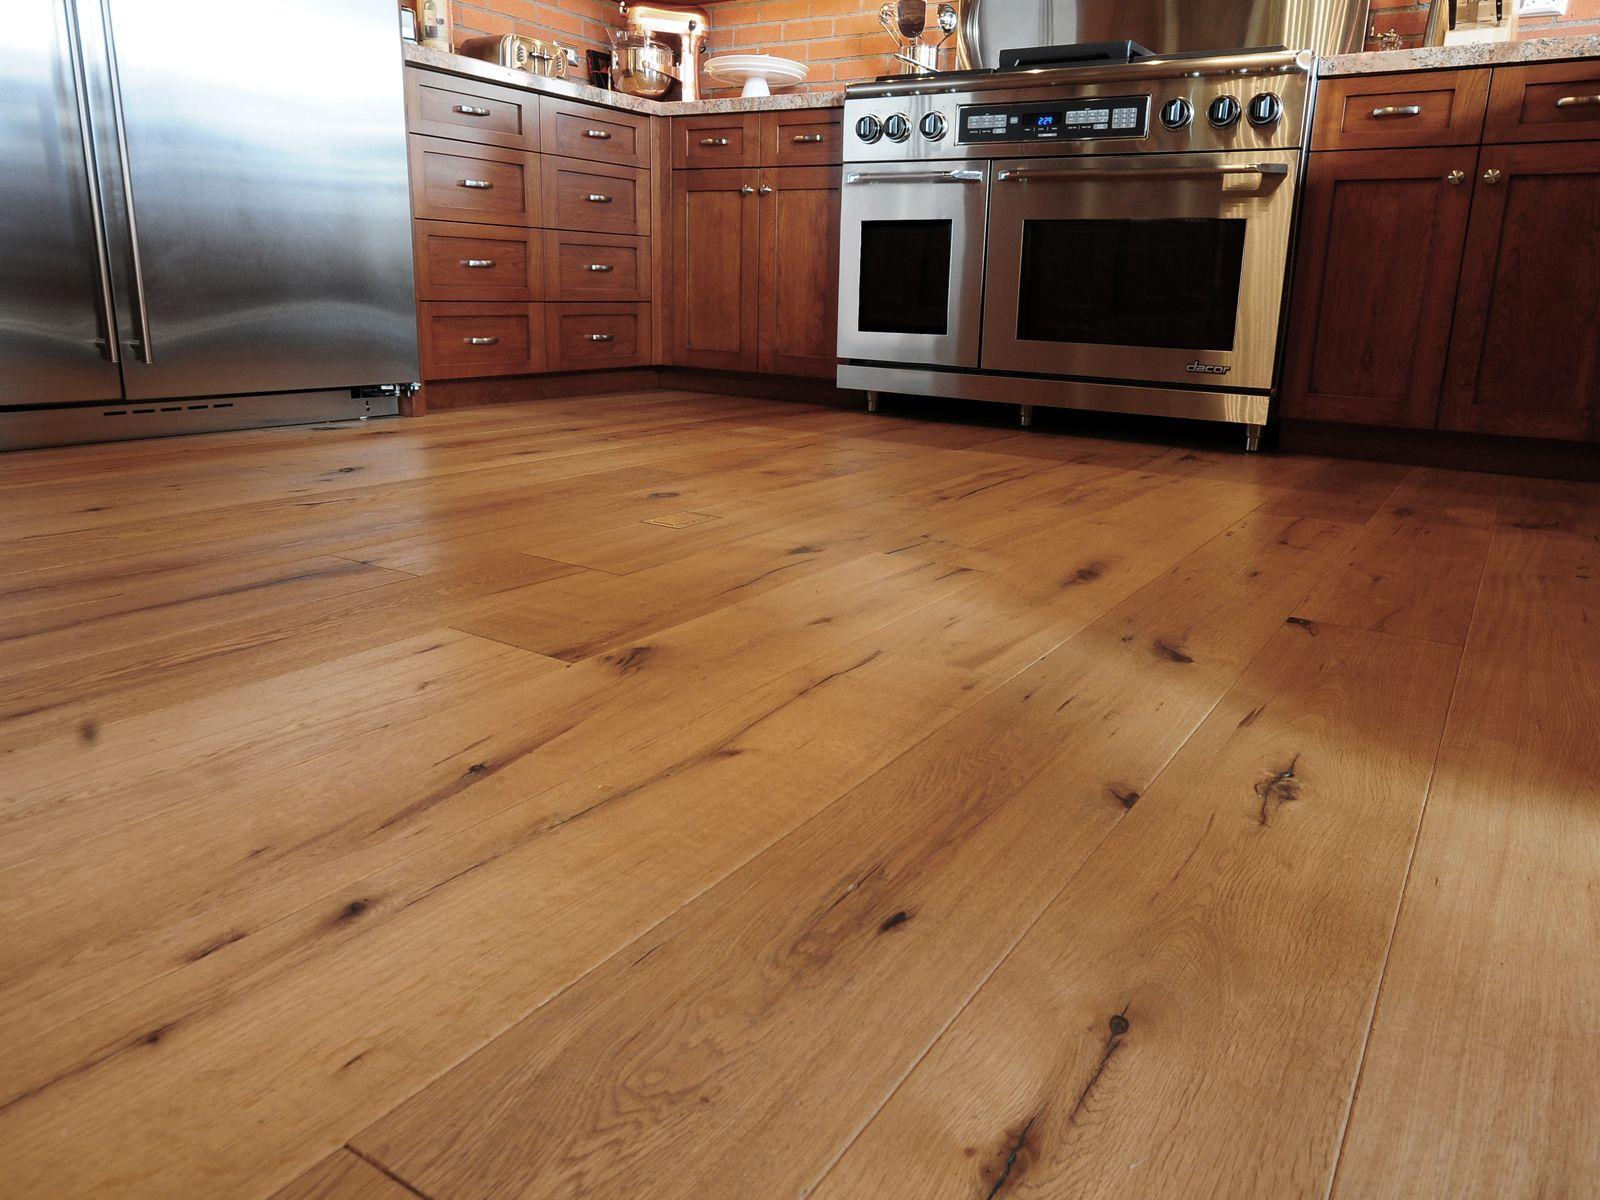 white oak superior shopping quality for img quarter flooring budget sawn hardwood natural floors rift on